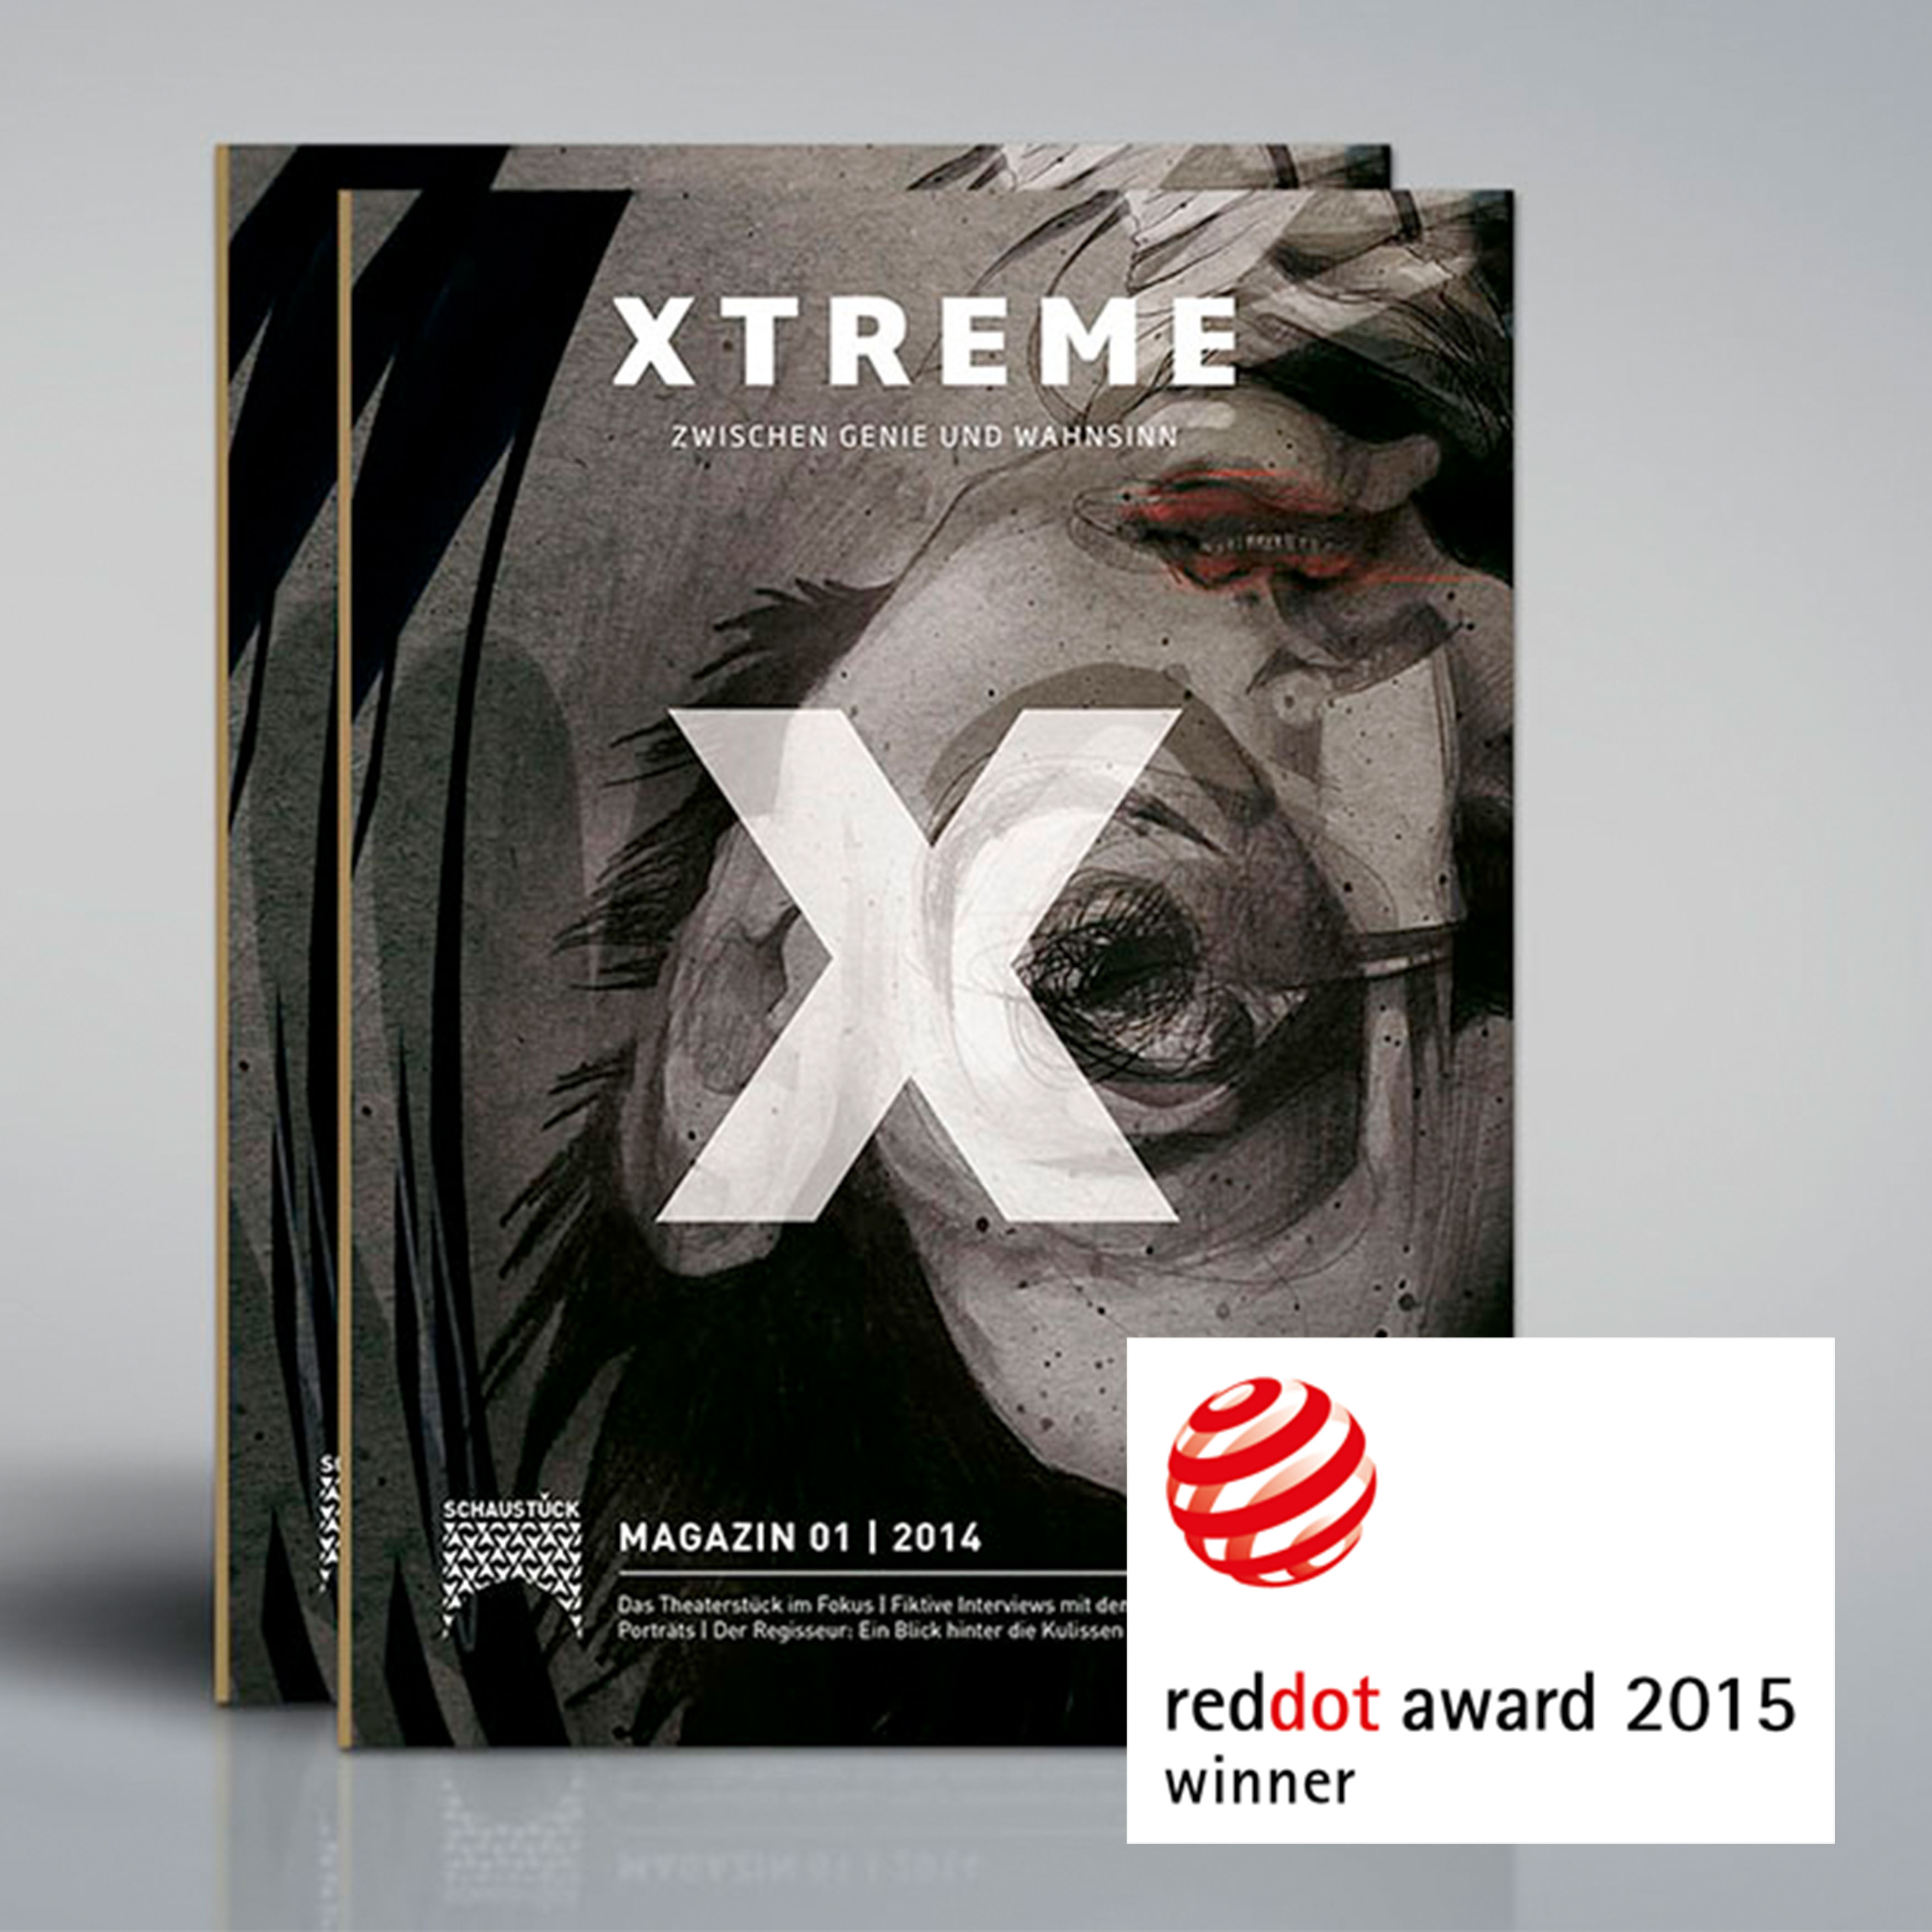 Magazin Cover 'Xtreme: Zwischen Genie und Wahnsinn' mit Logo Auszeichnung Red Dot Award Winner